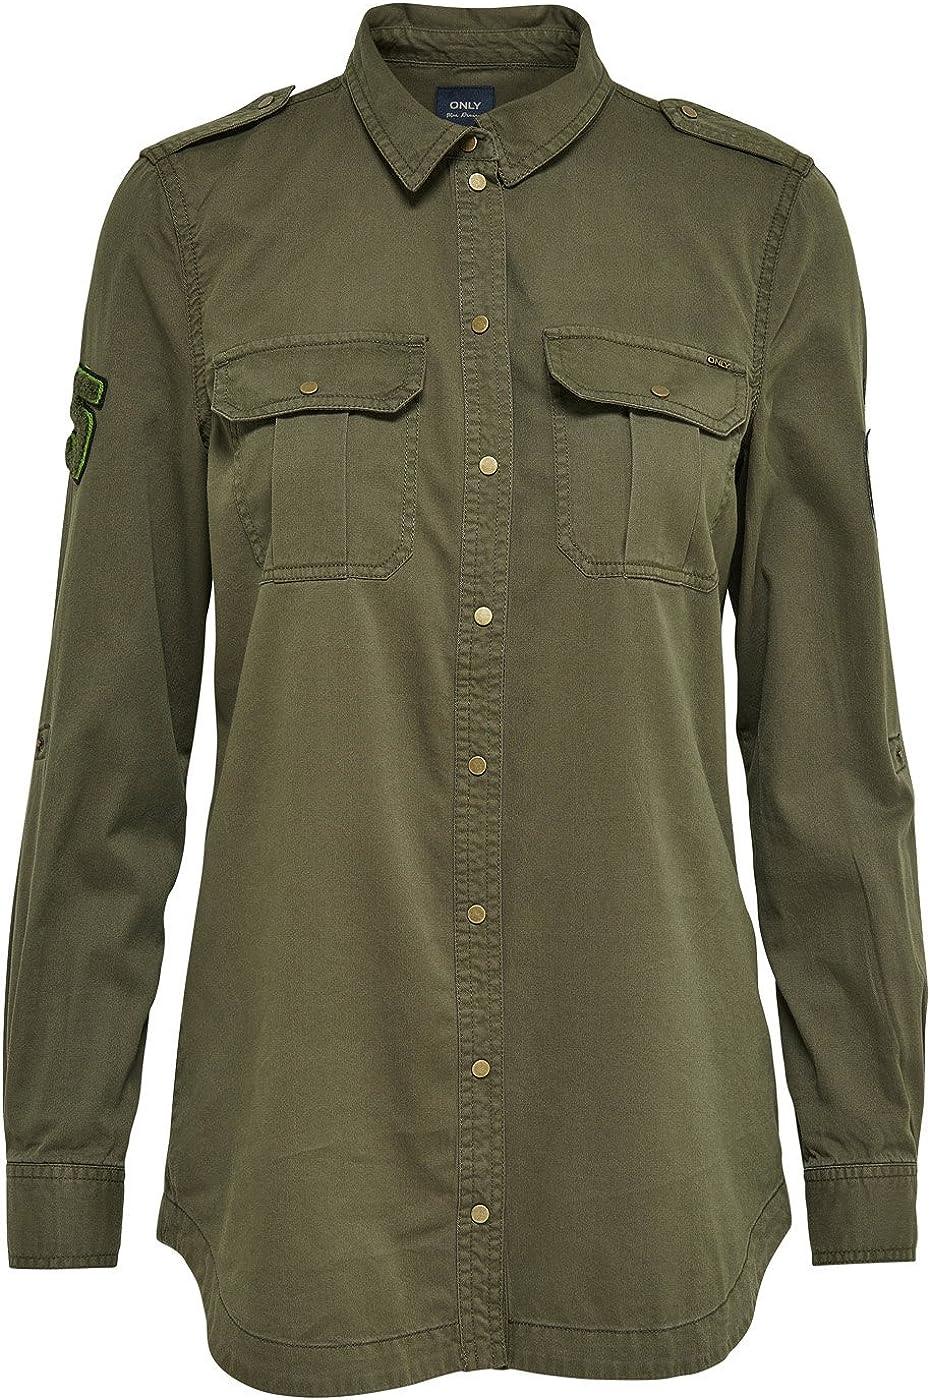 Only Camisa Militar Verde onlNevada (Verde - 40): Amazon.es: Ropa y accesorios